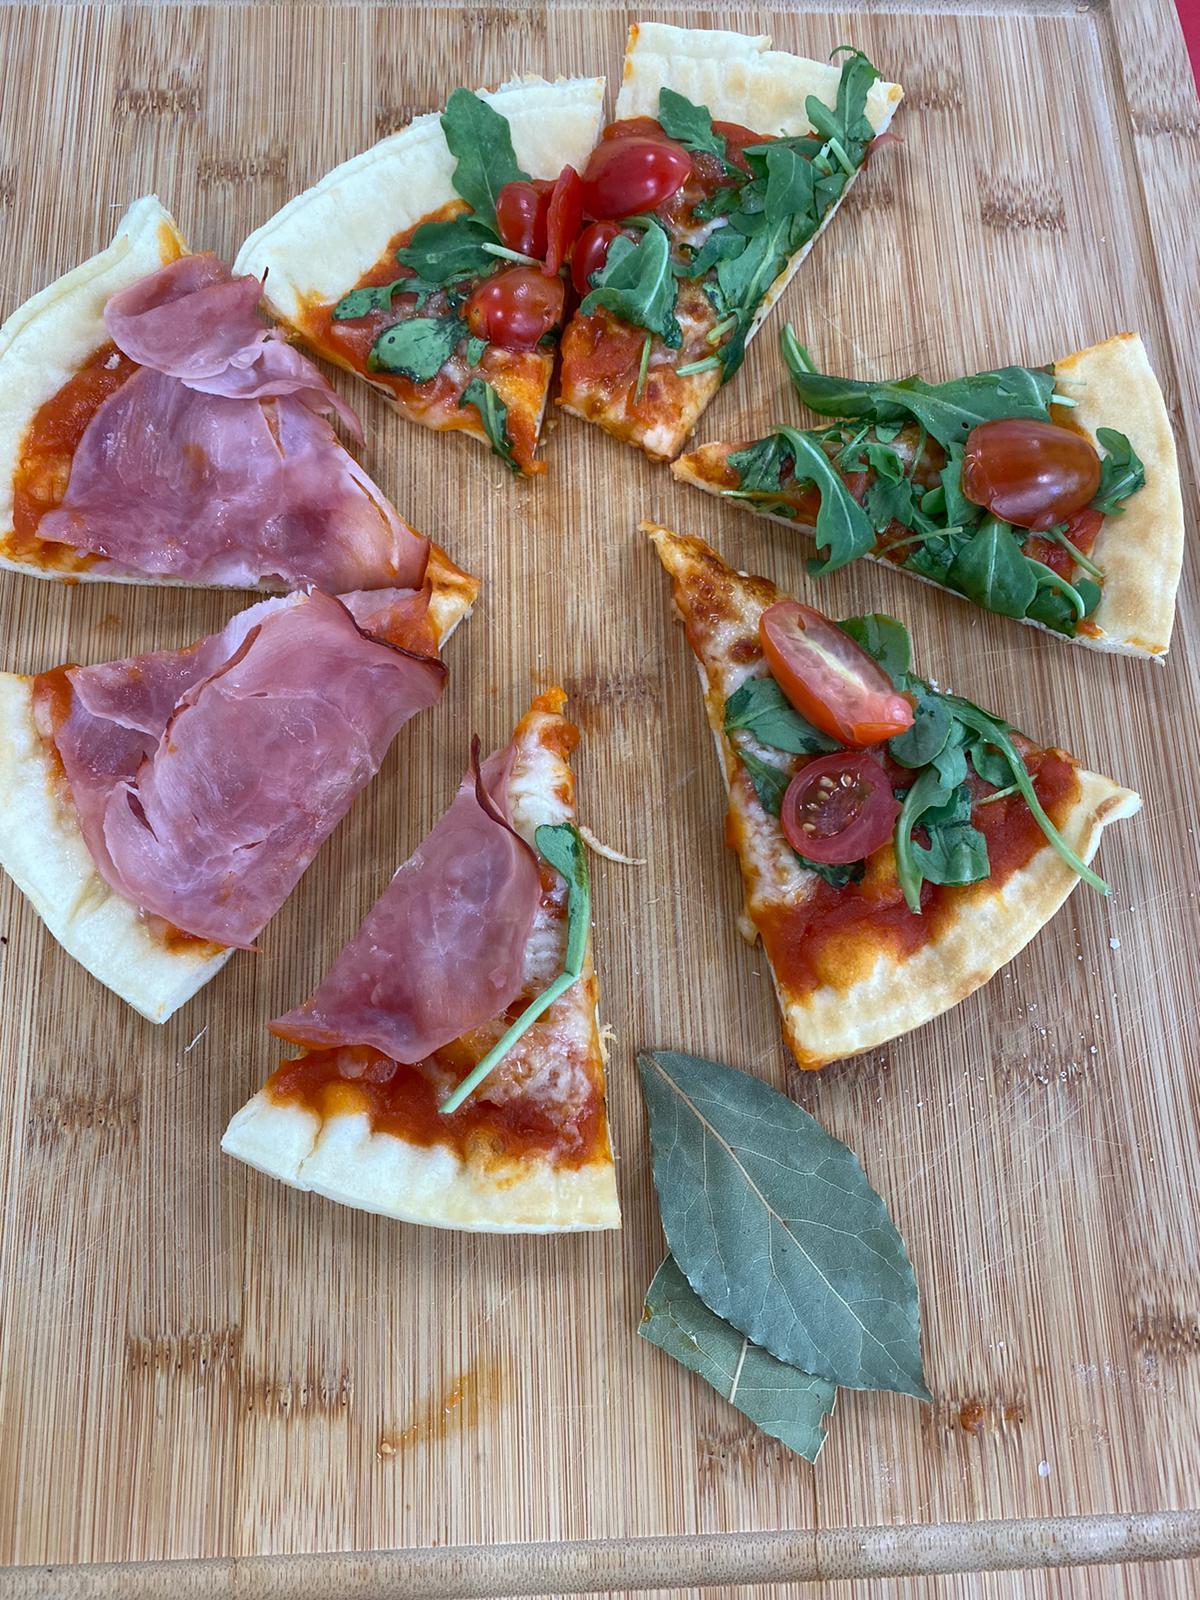 RECETA AMC PIZZA - Cocina rápida y sana para toda la familia con AMC